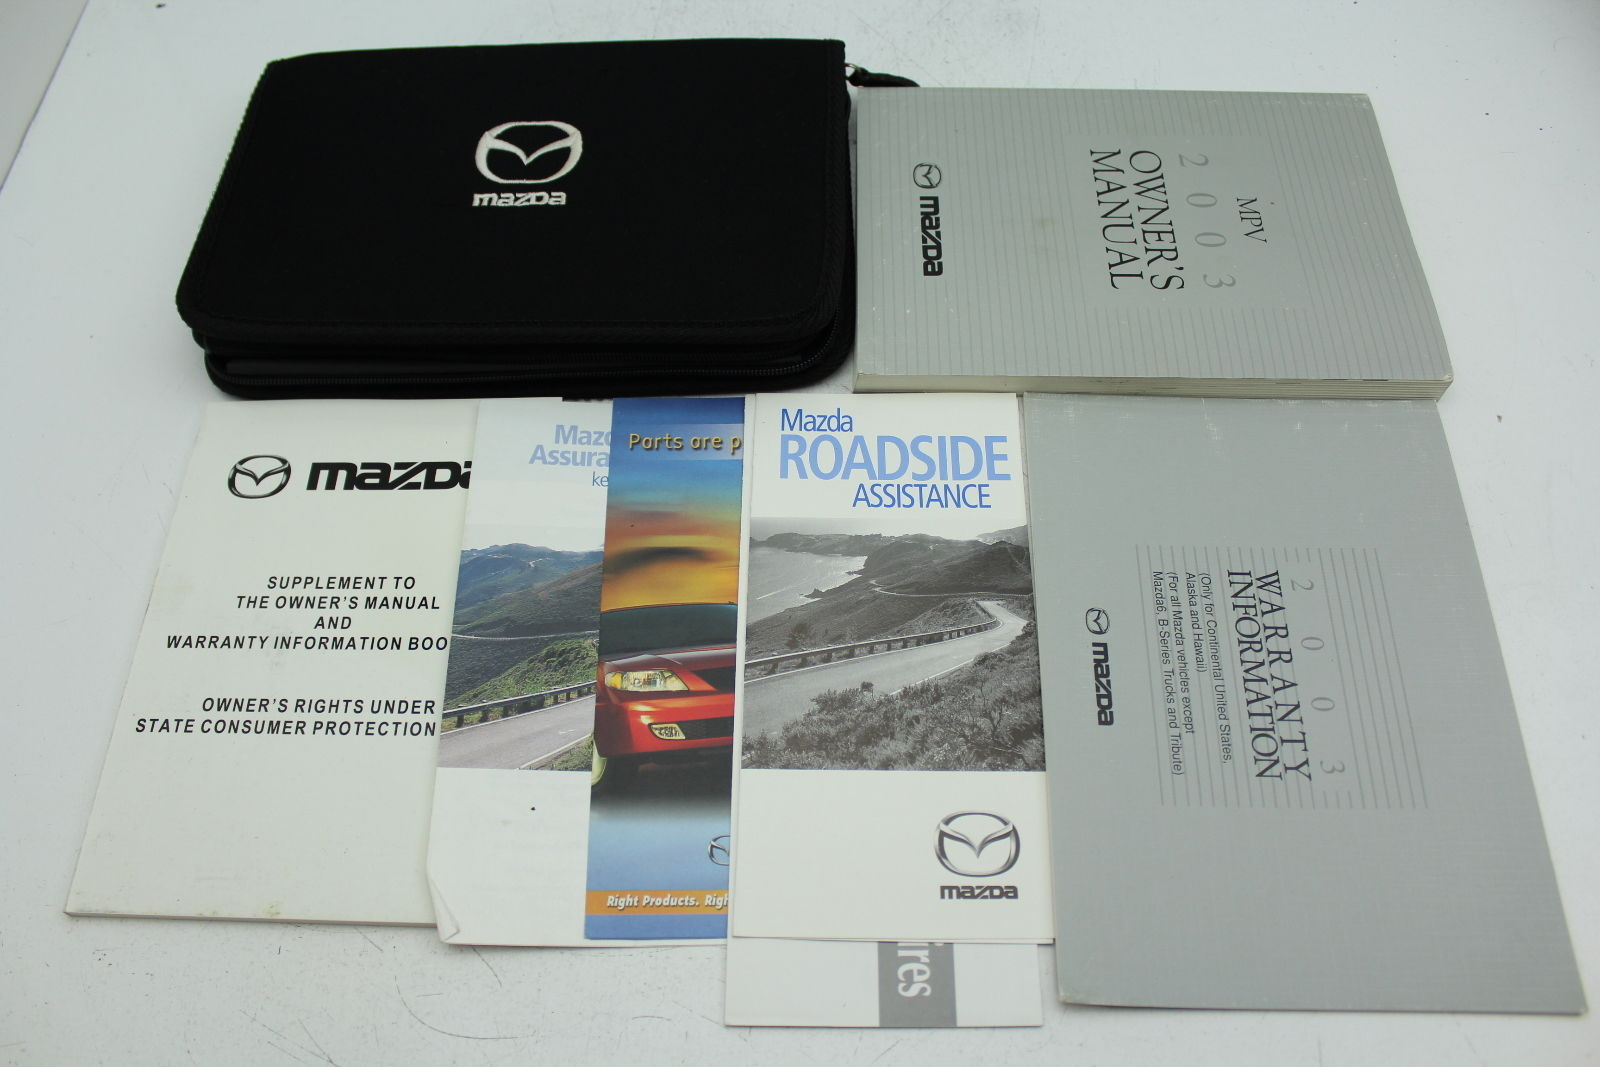 03 mazda mpv vehicle owners manual handbook and 50 similar items rh bonanza com mazda mpv 2003 owners manual pdf mazda mpv owner's manual